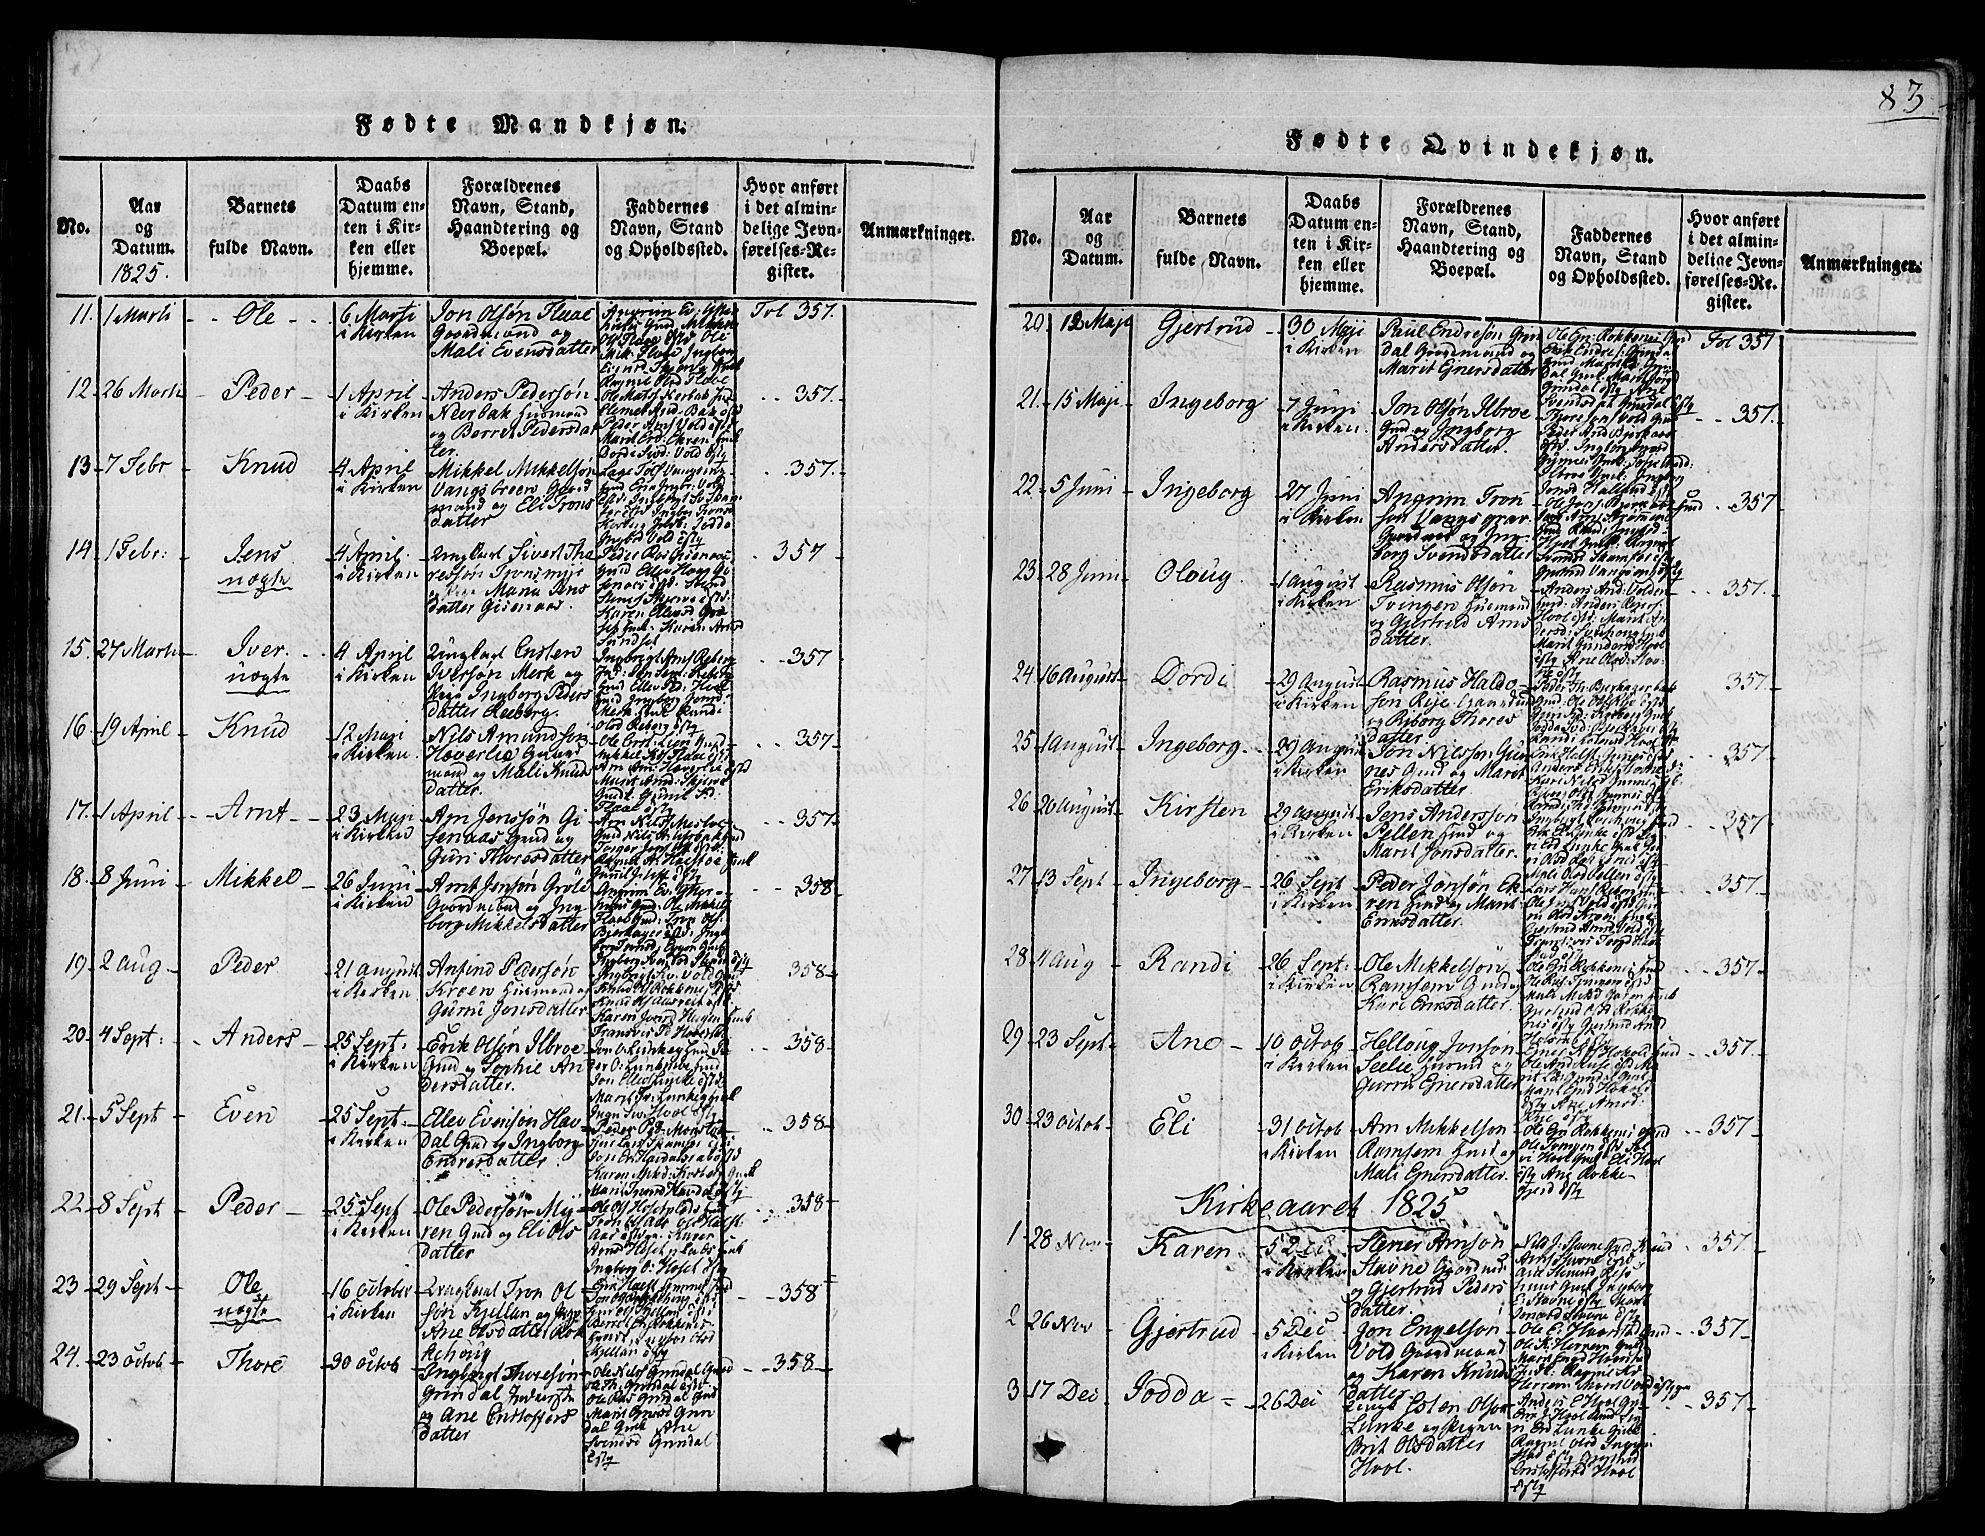 SAT, Ministerialprotokoller, klokkerbøker og fødselsregistre - Sør-Trøndelag, 672/L0854: Ministerialbok nr. 672A06 /2, 1816-1829, s. 83